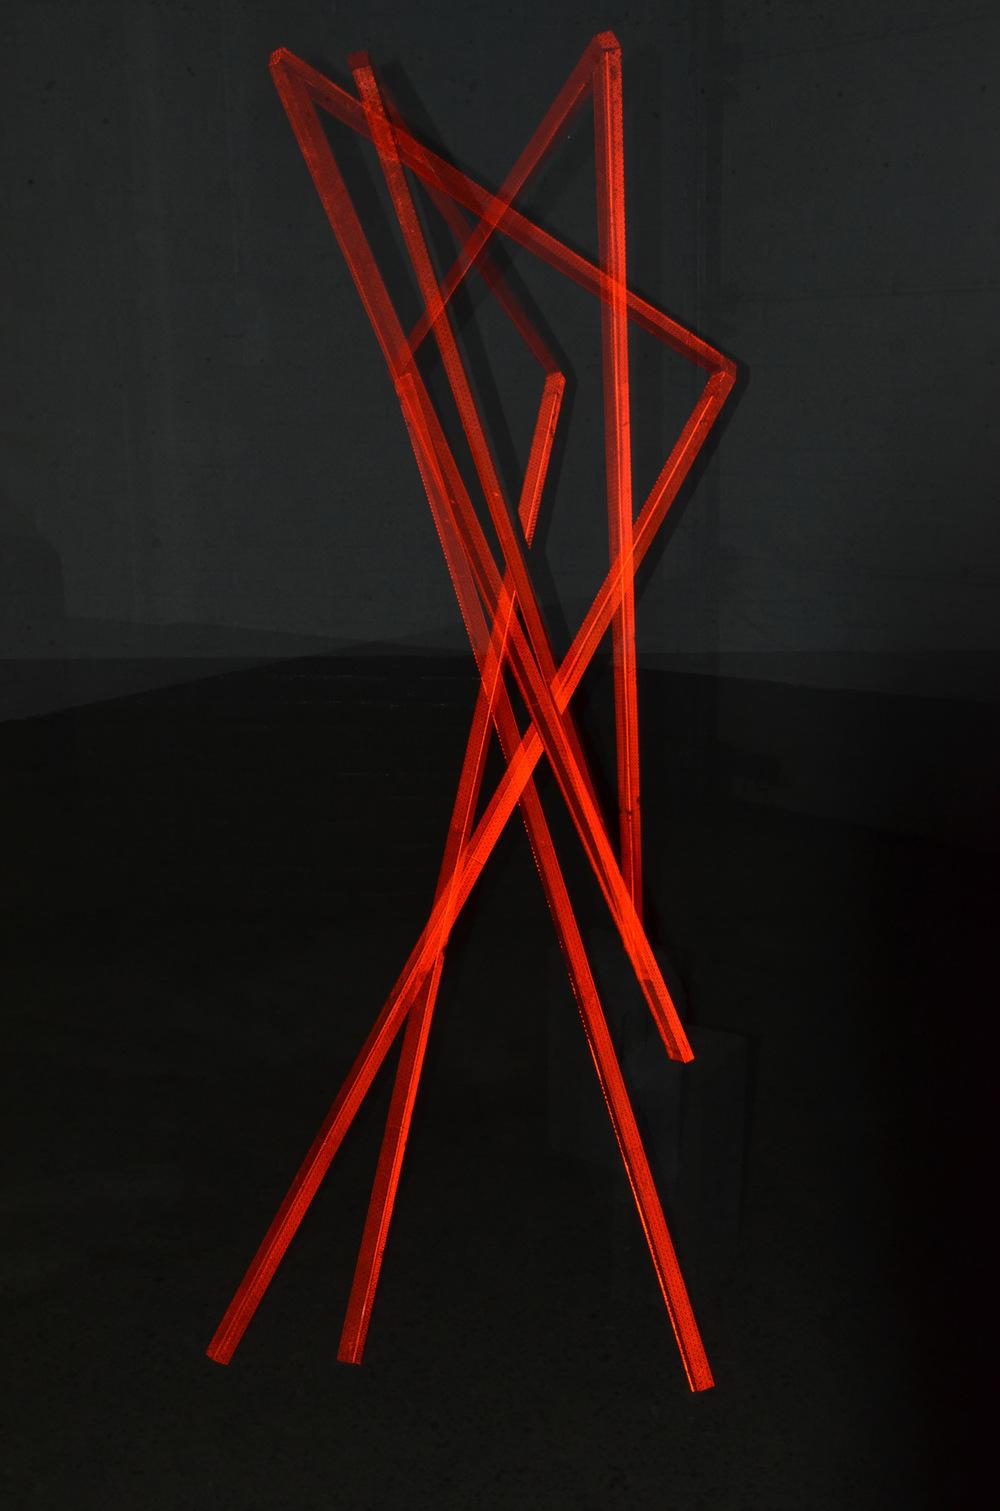 Karolien Chromiak - Berlin_2, photograph, 2017 // sculpture sampling